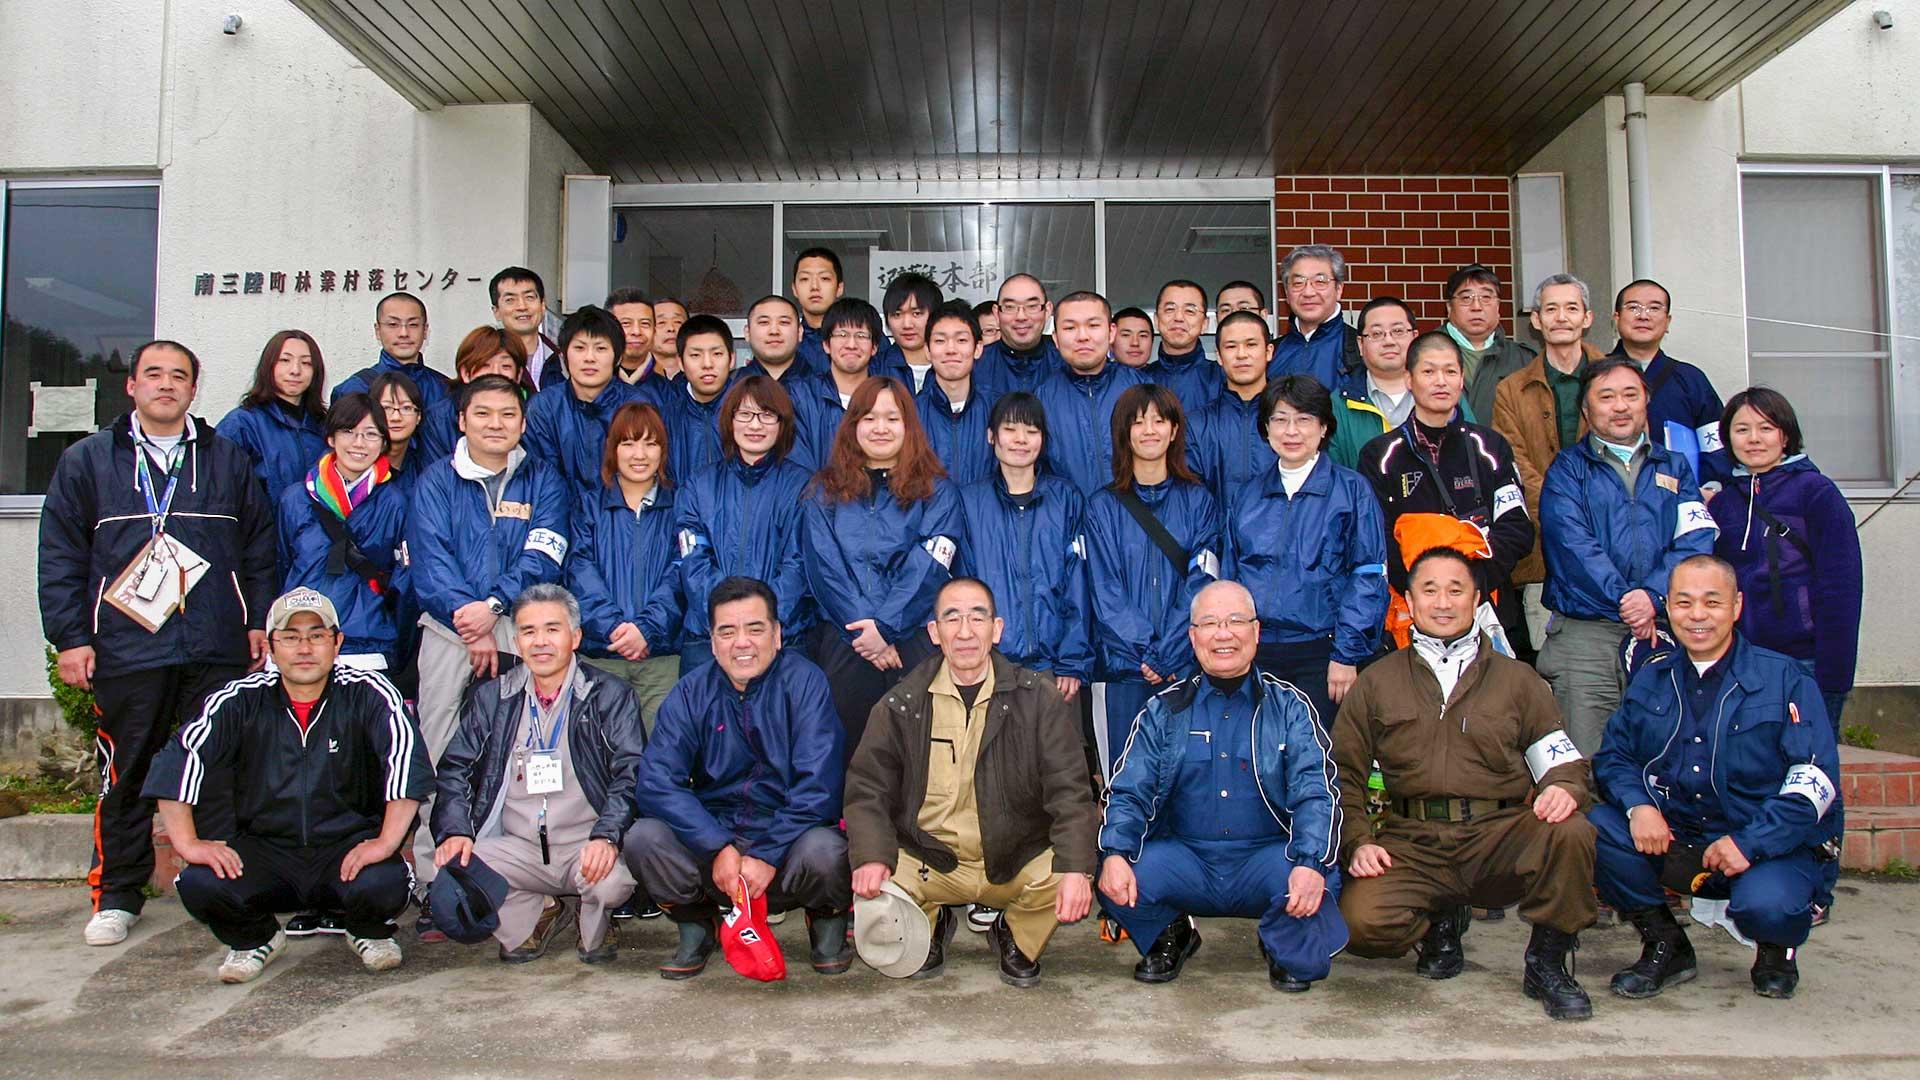 2011年南三陸にて町民と大正大学学生と教職員